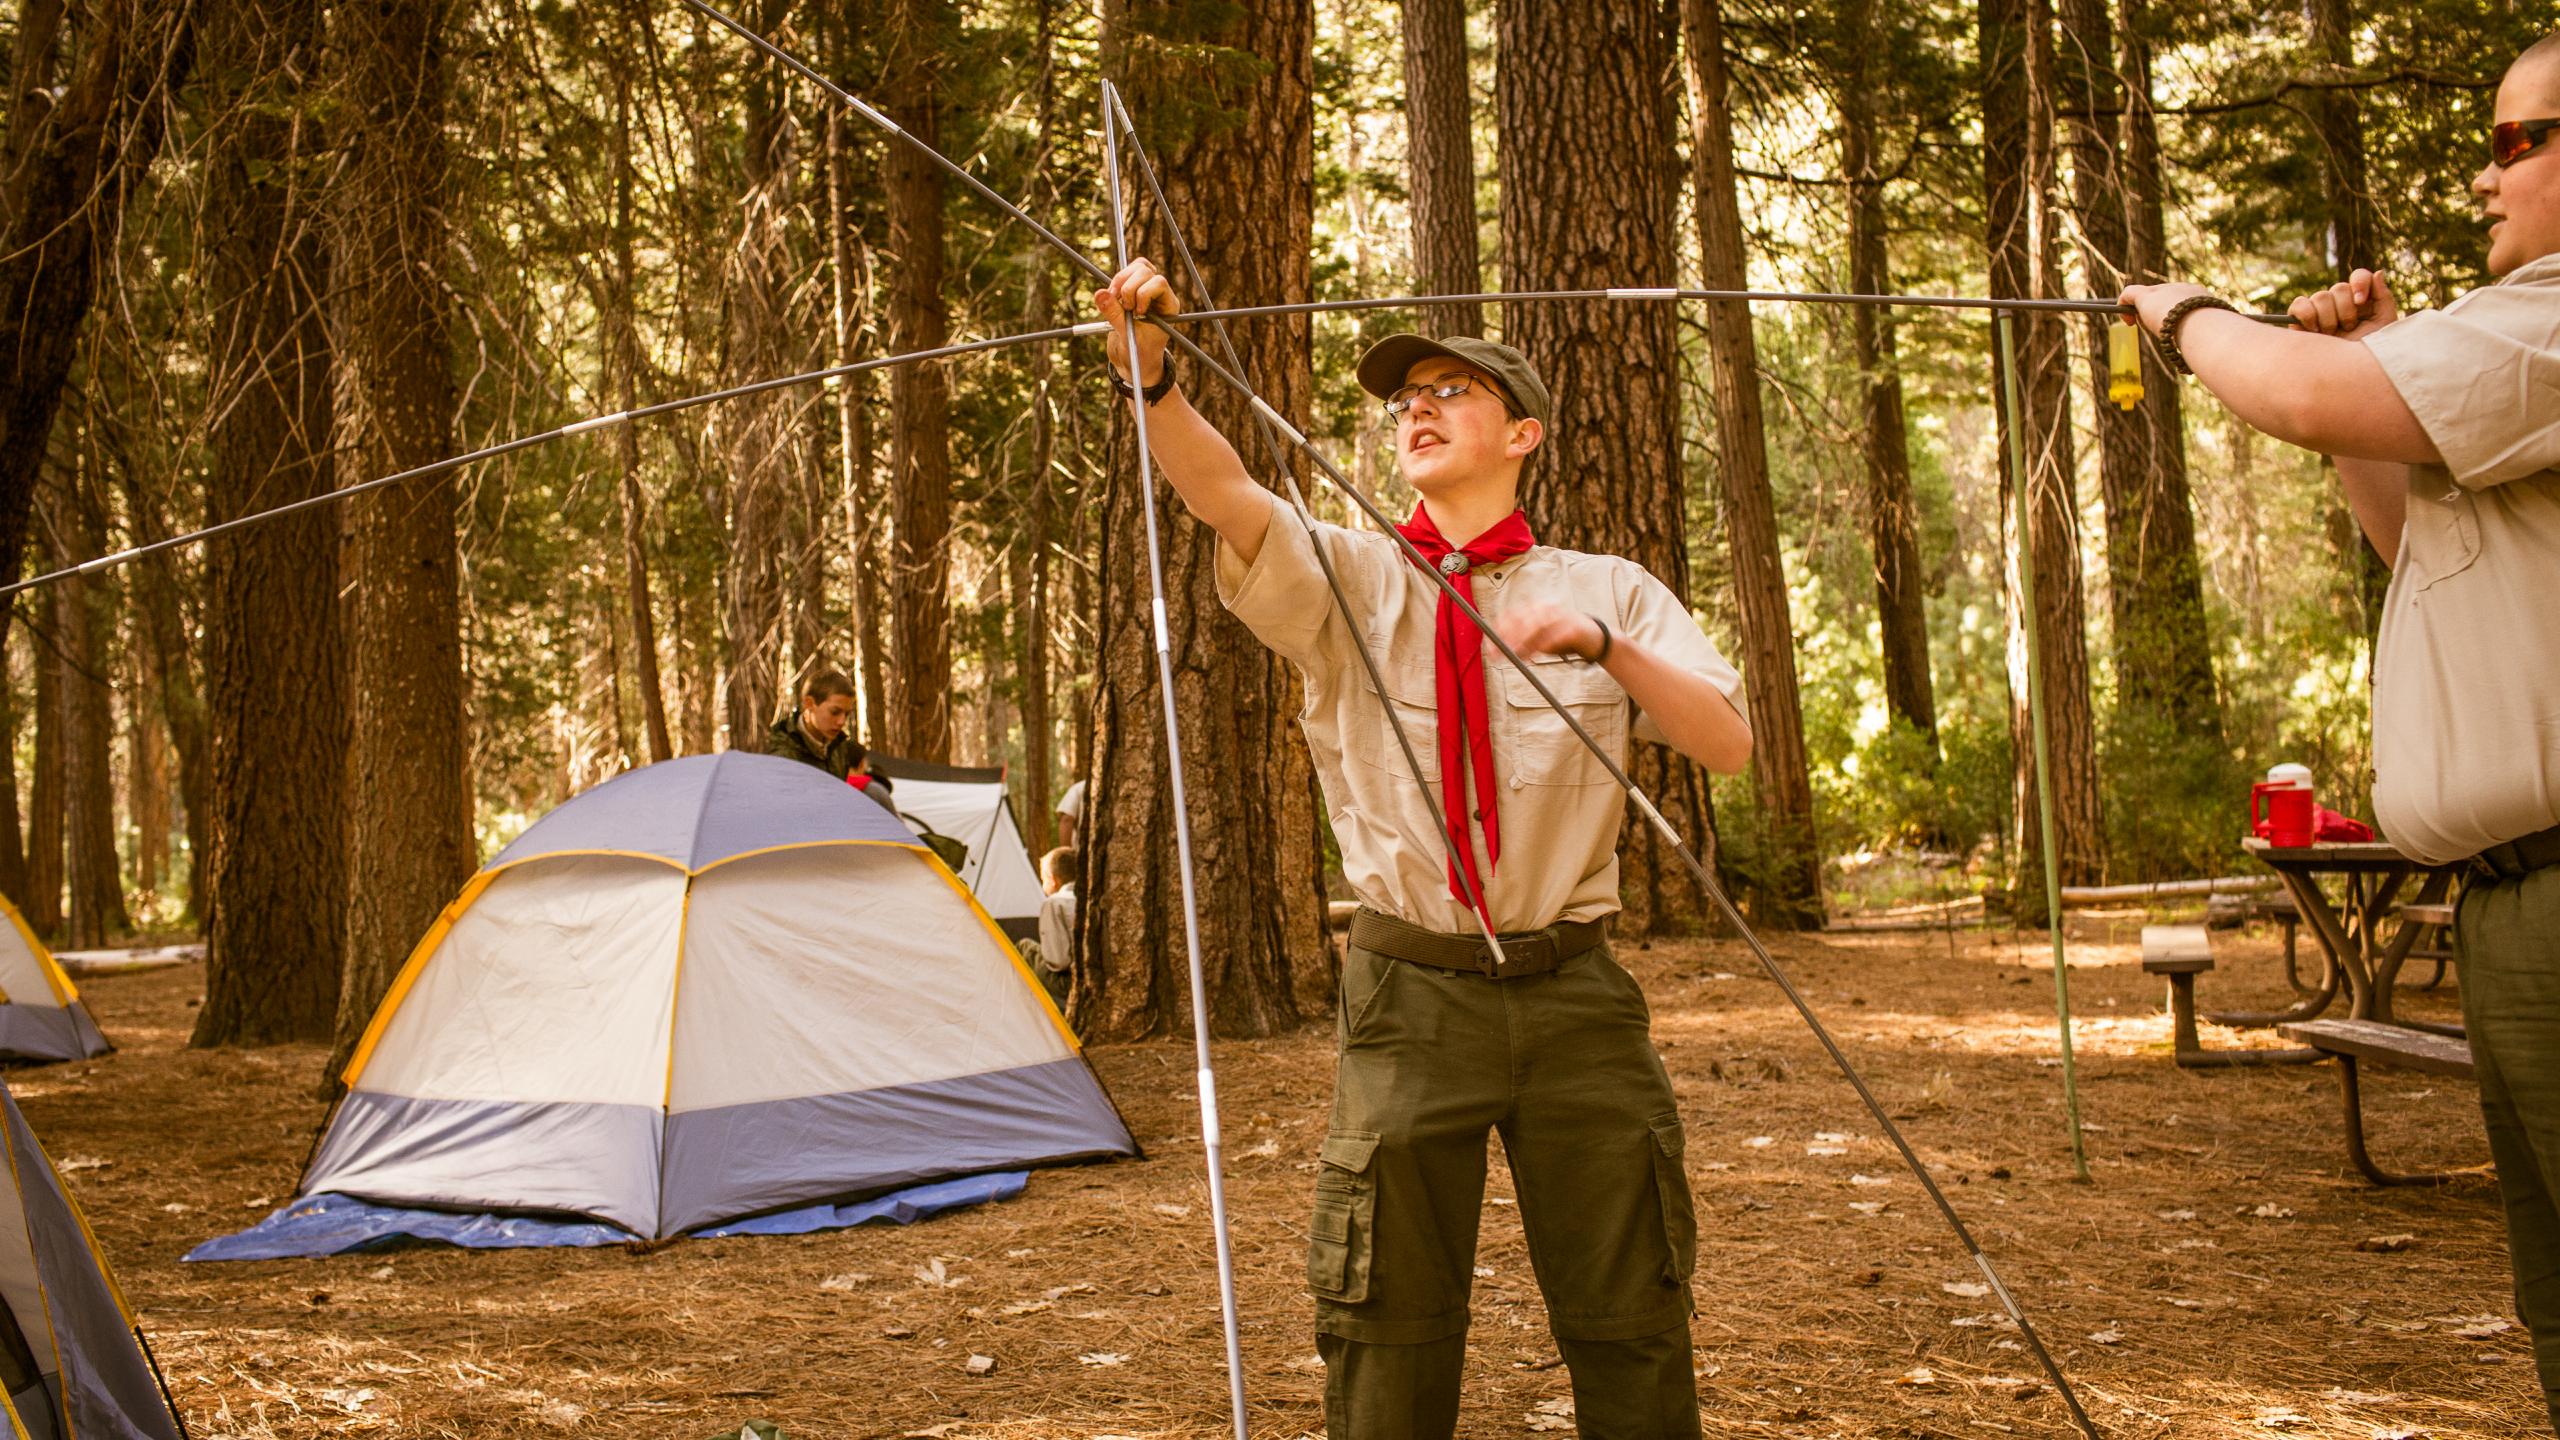 Tent clipart building a Camping Clip A A Clip